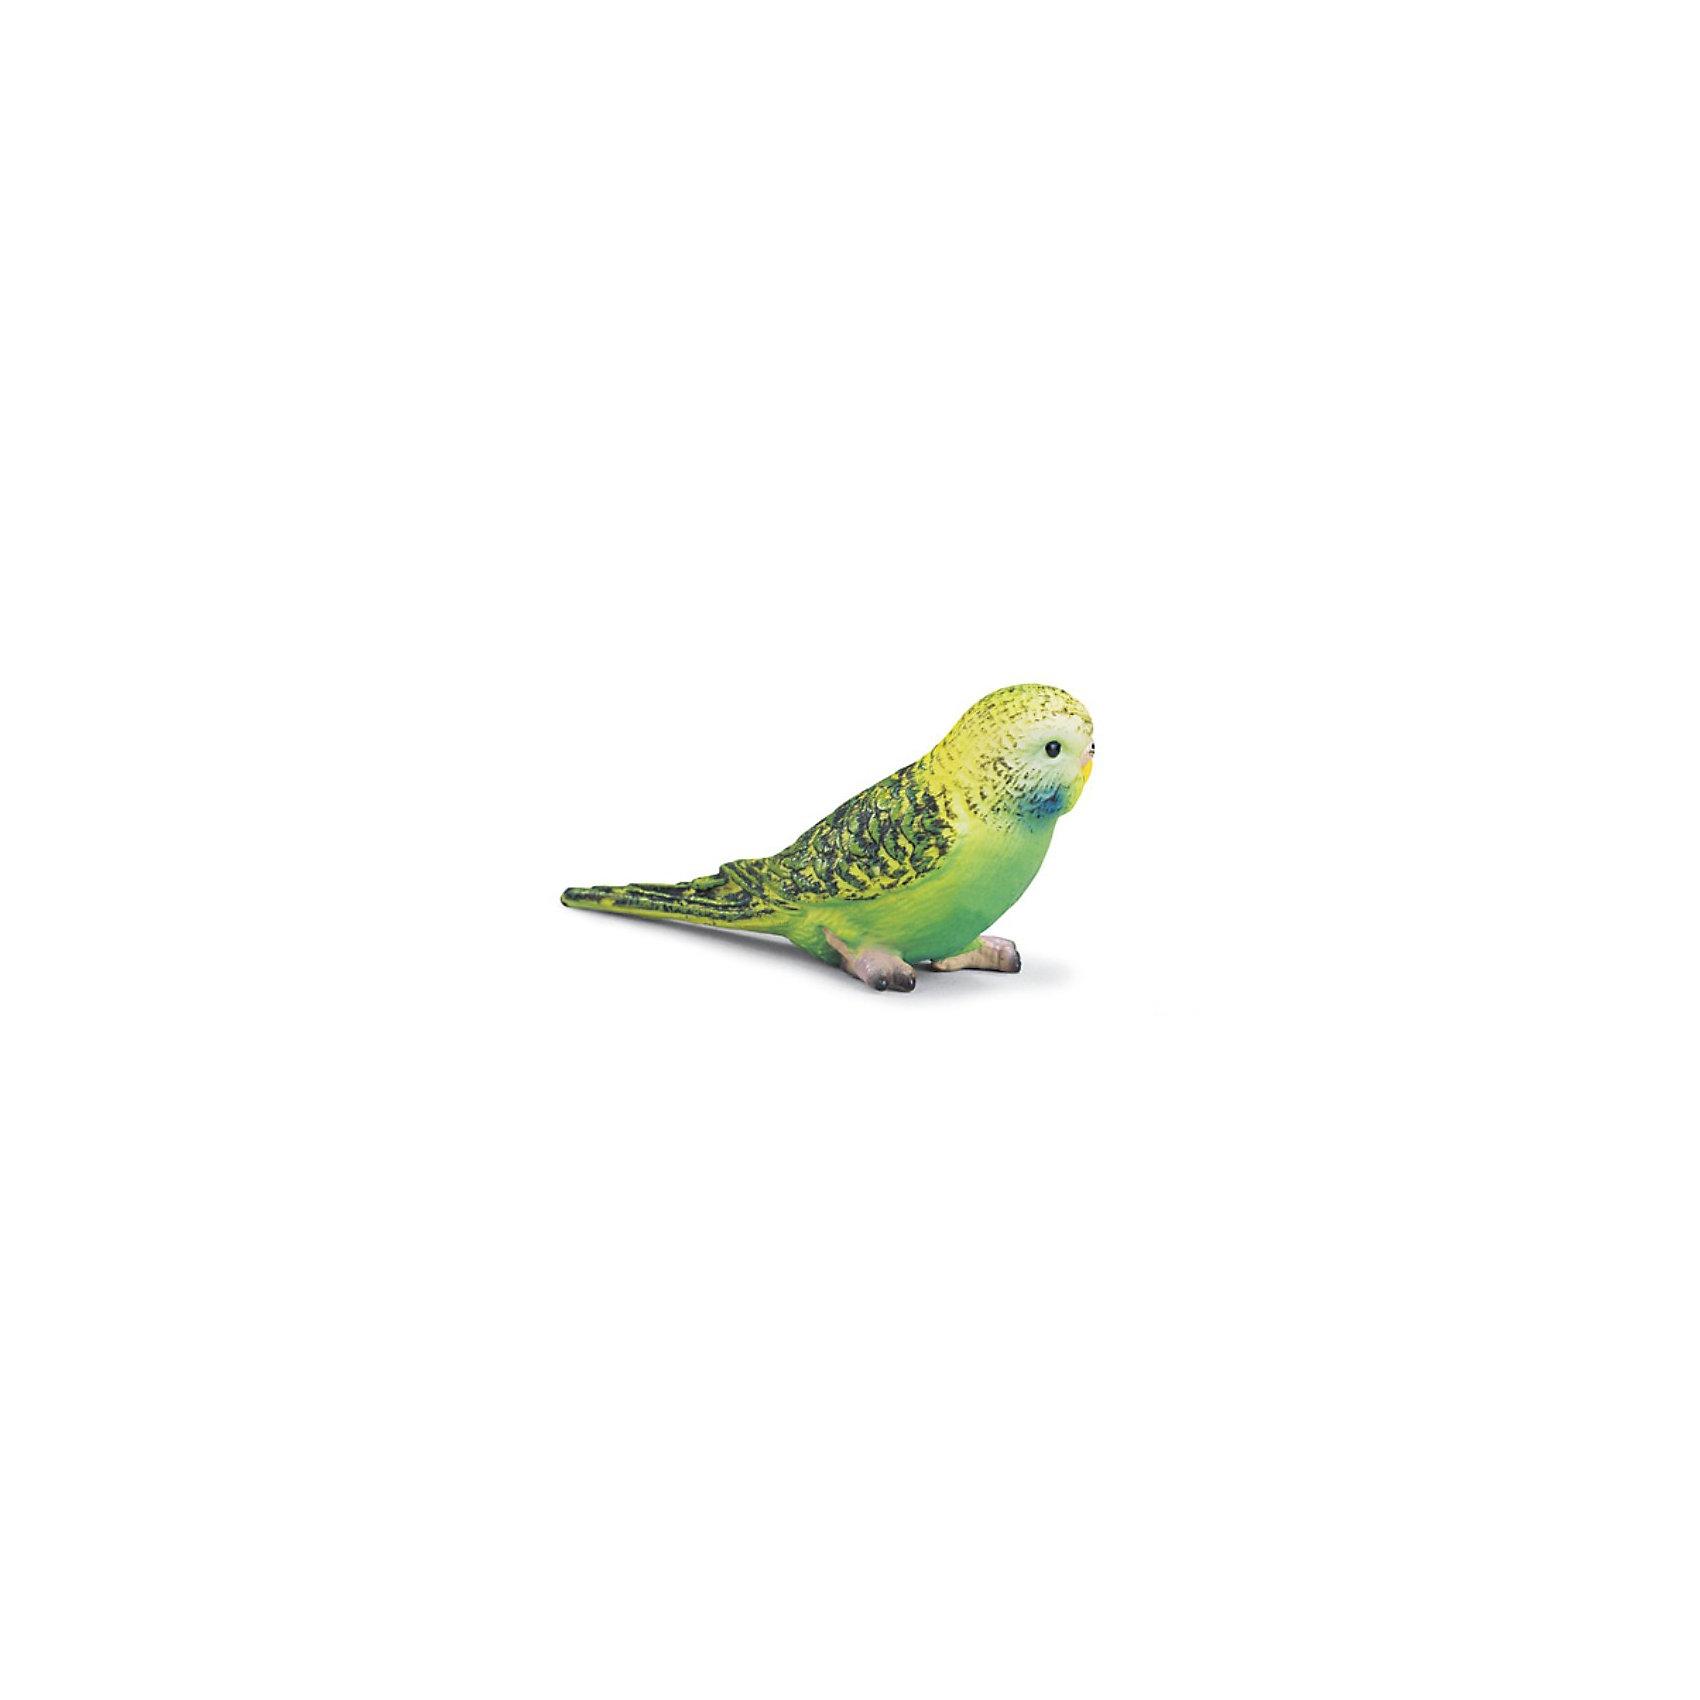 Schleich Schleich Волнистый попугайчик, зеленый. Серия Домашние животные игрушки животные tour the world schleich